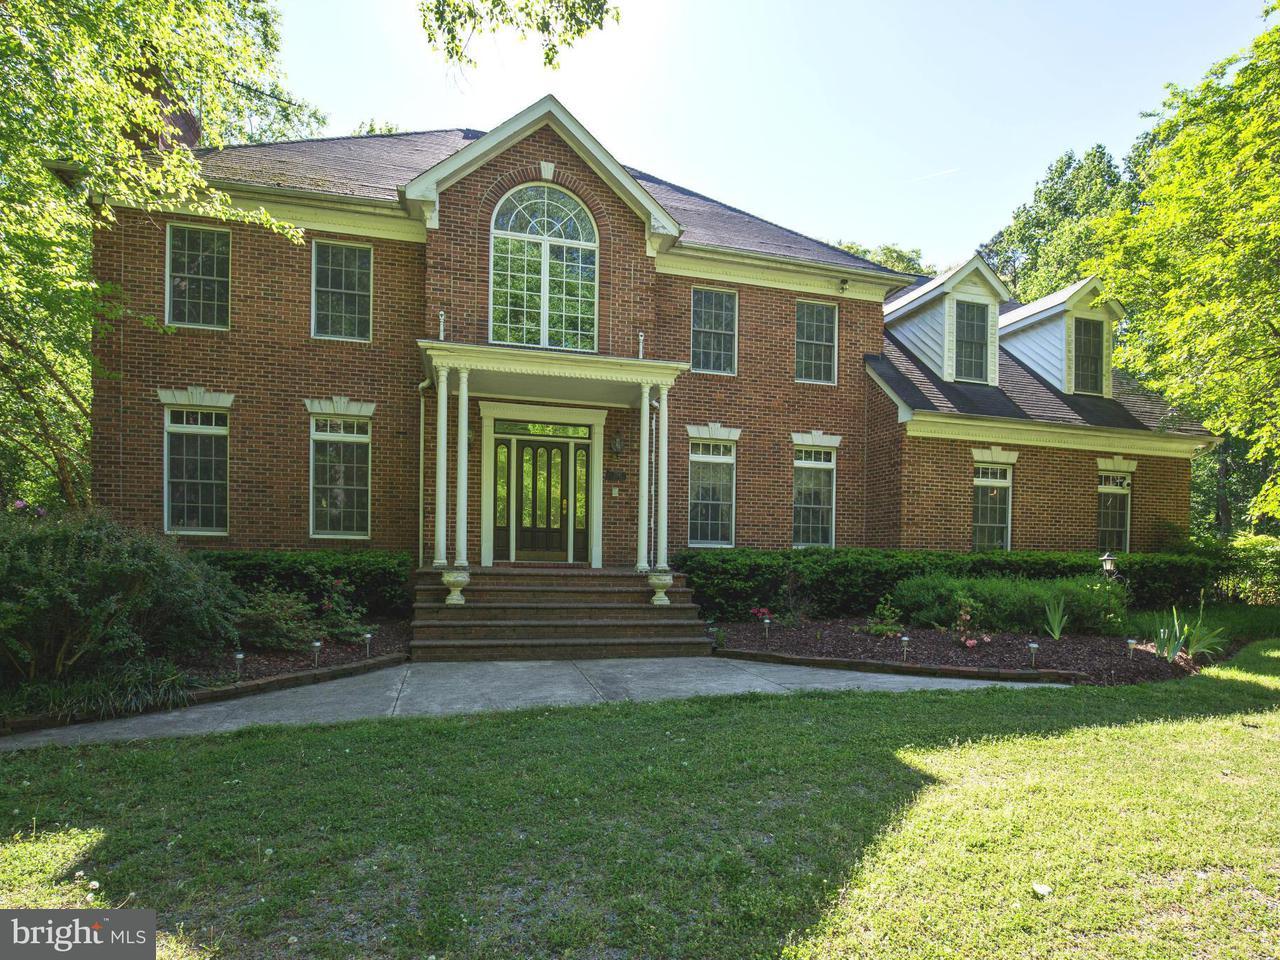 Частный односемейный дом для того Продажа на 7581 Bond Street 7581 Bond Street St. Leonard, Мэриленд 20685 Соединенные Штаты